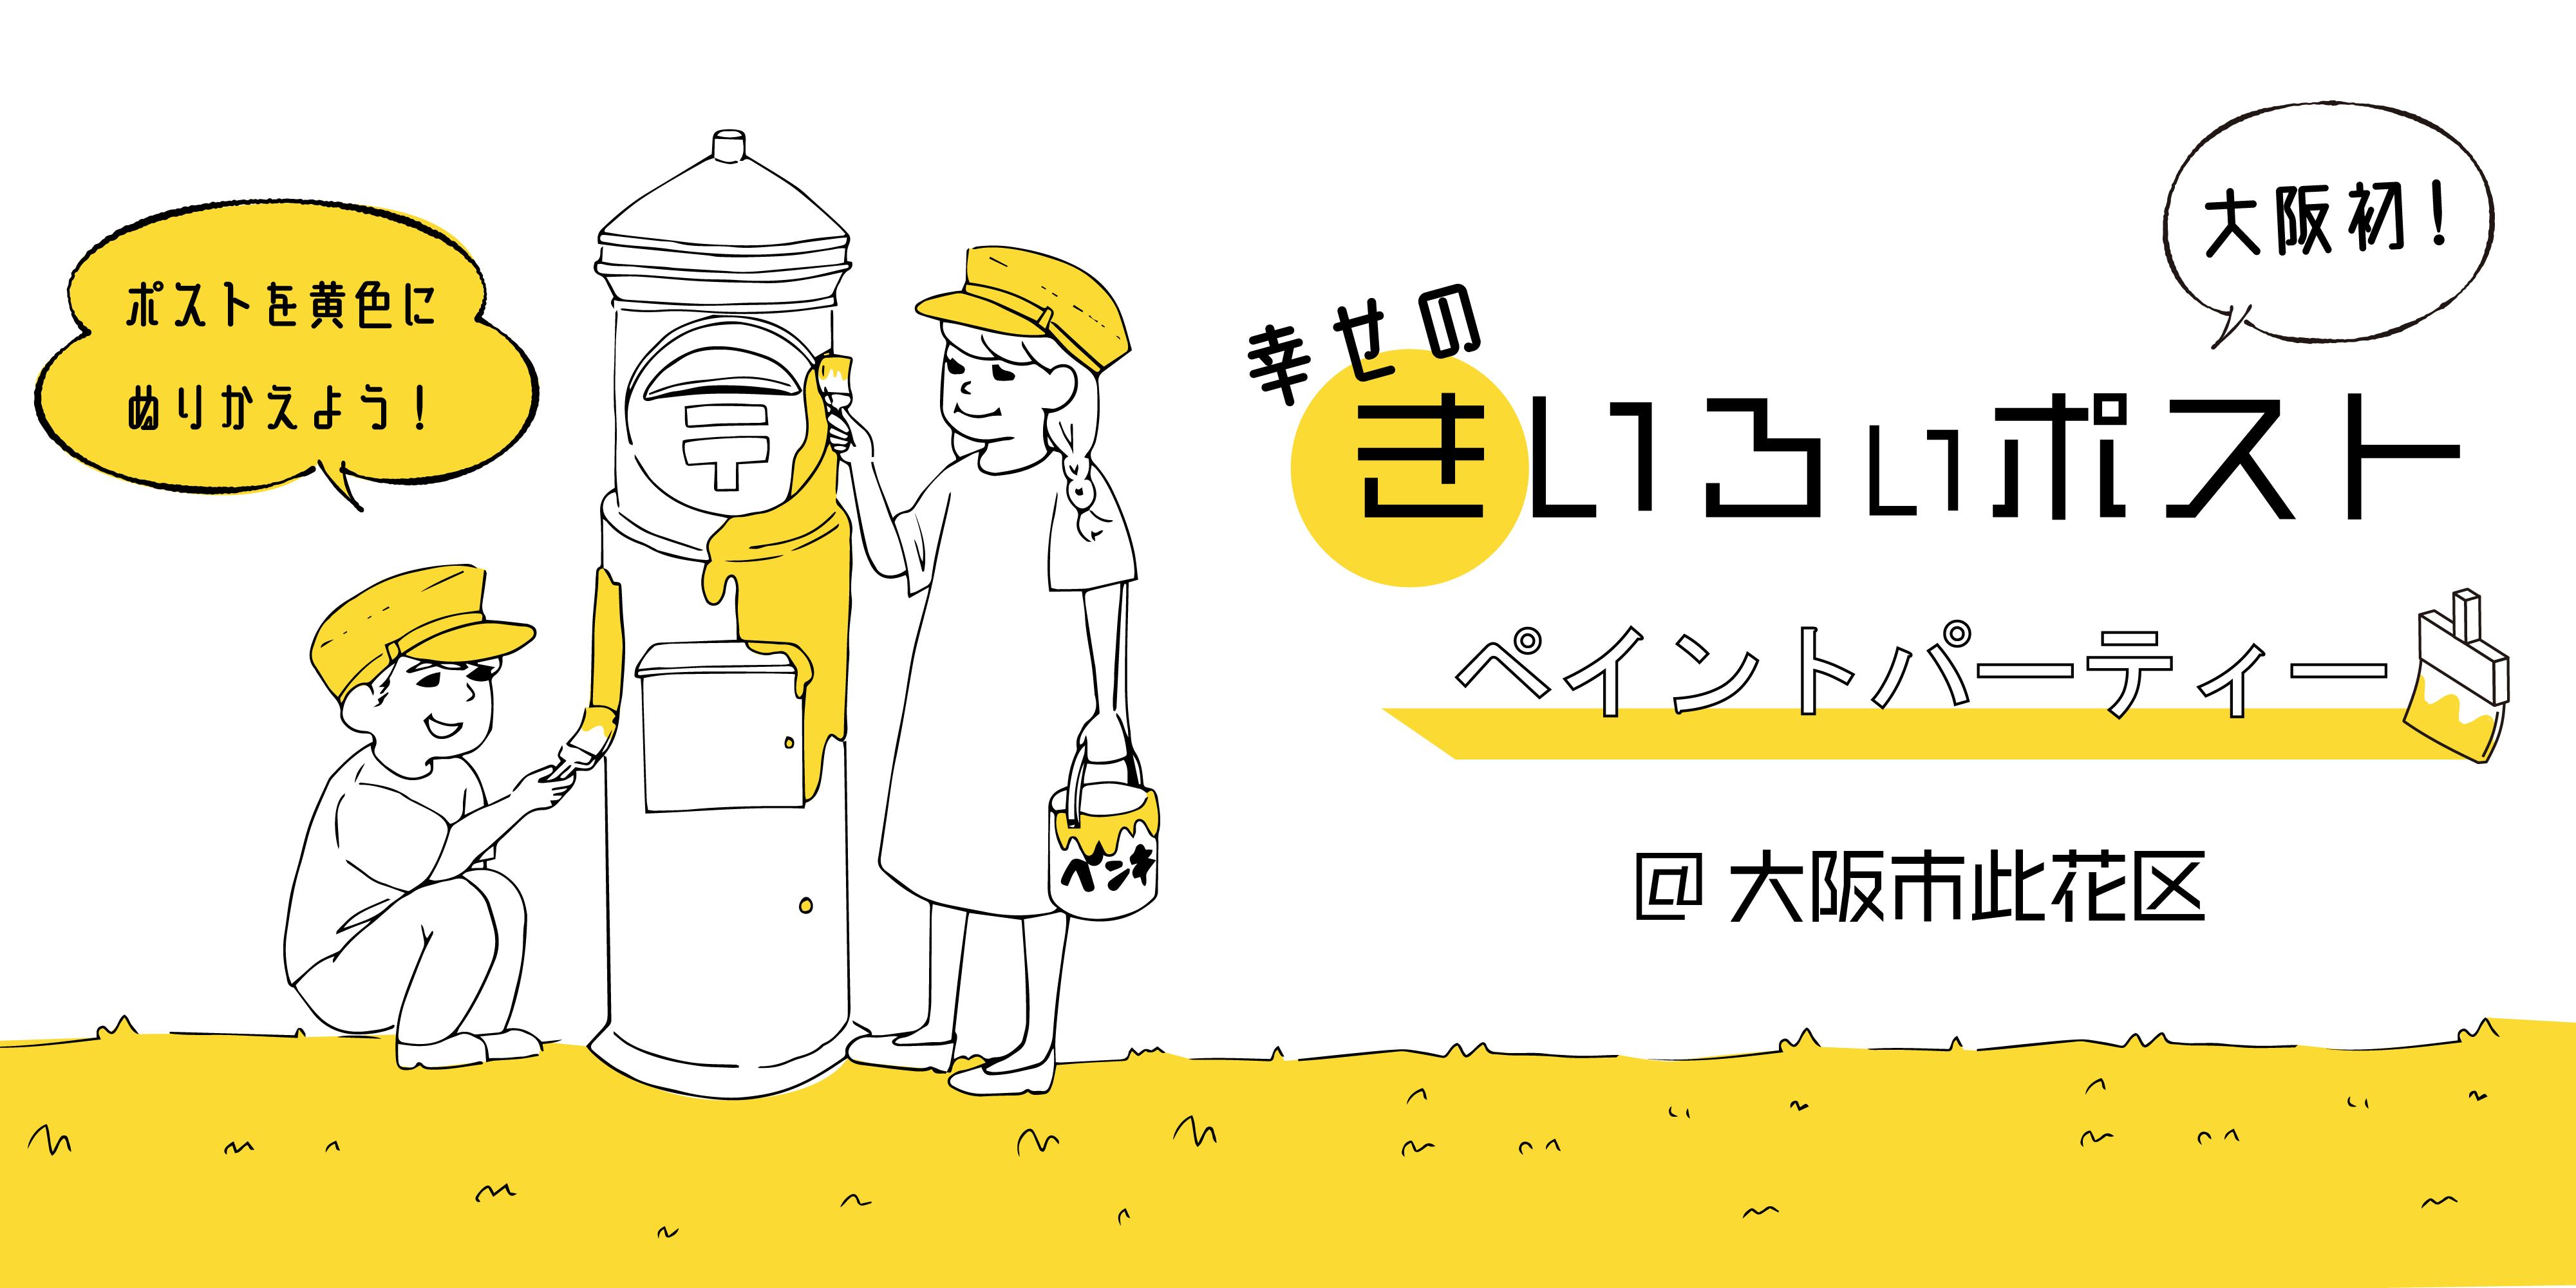 8/21(sat) きいろいポストペイントパーティー